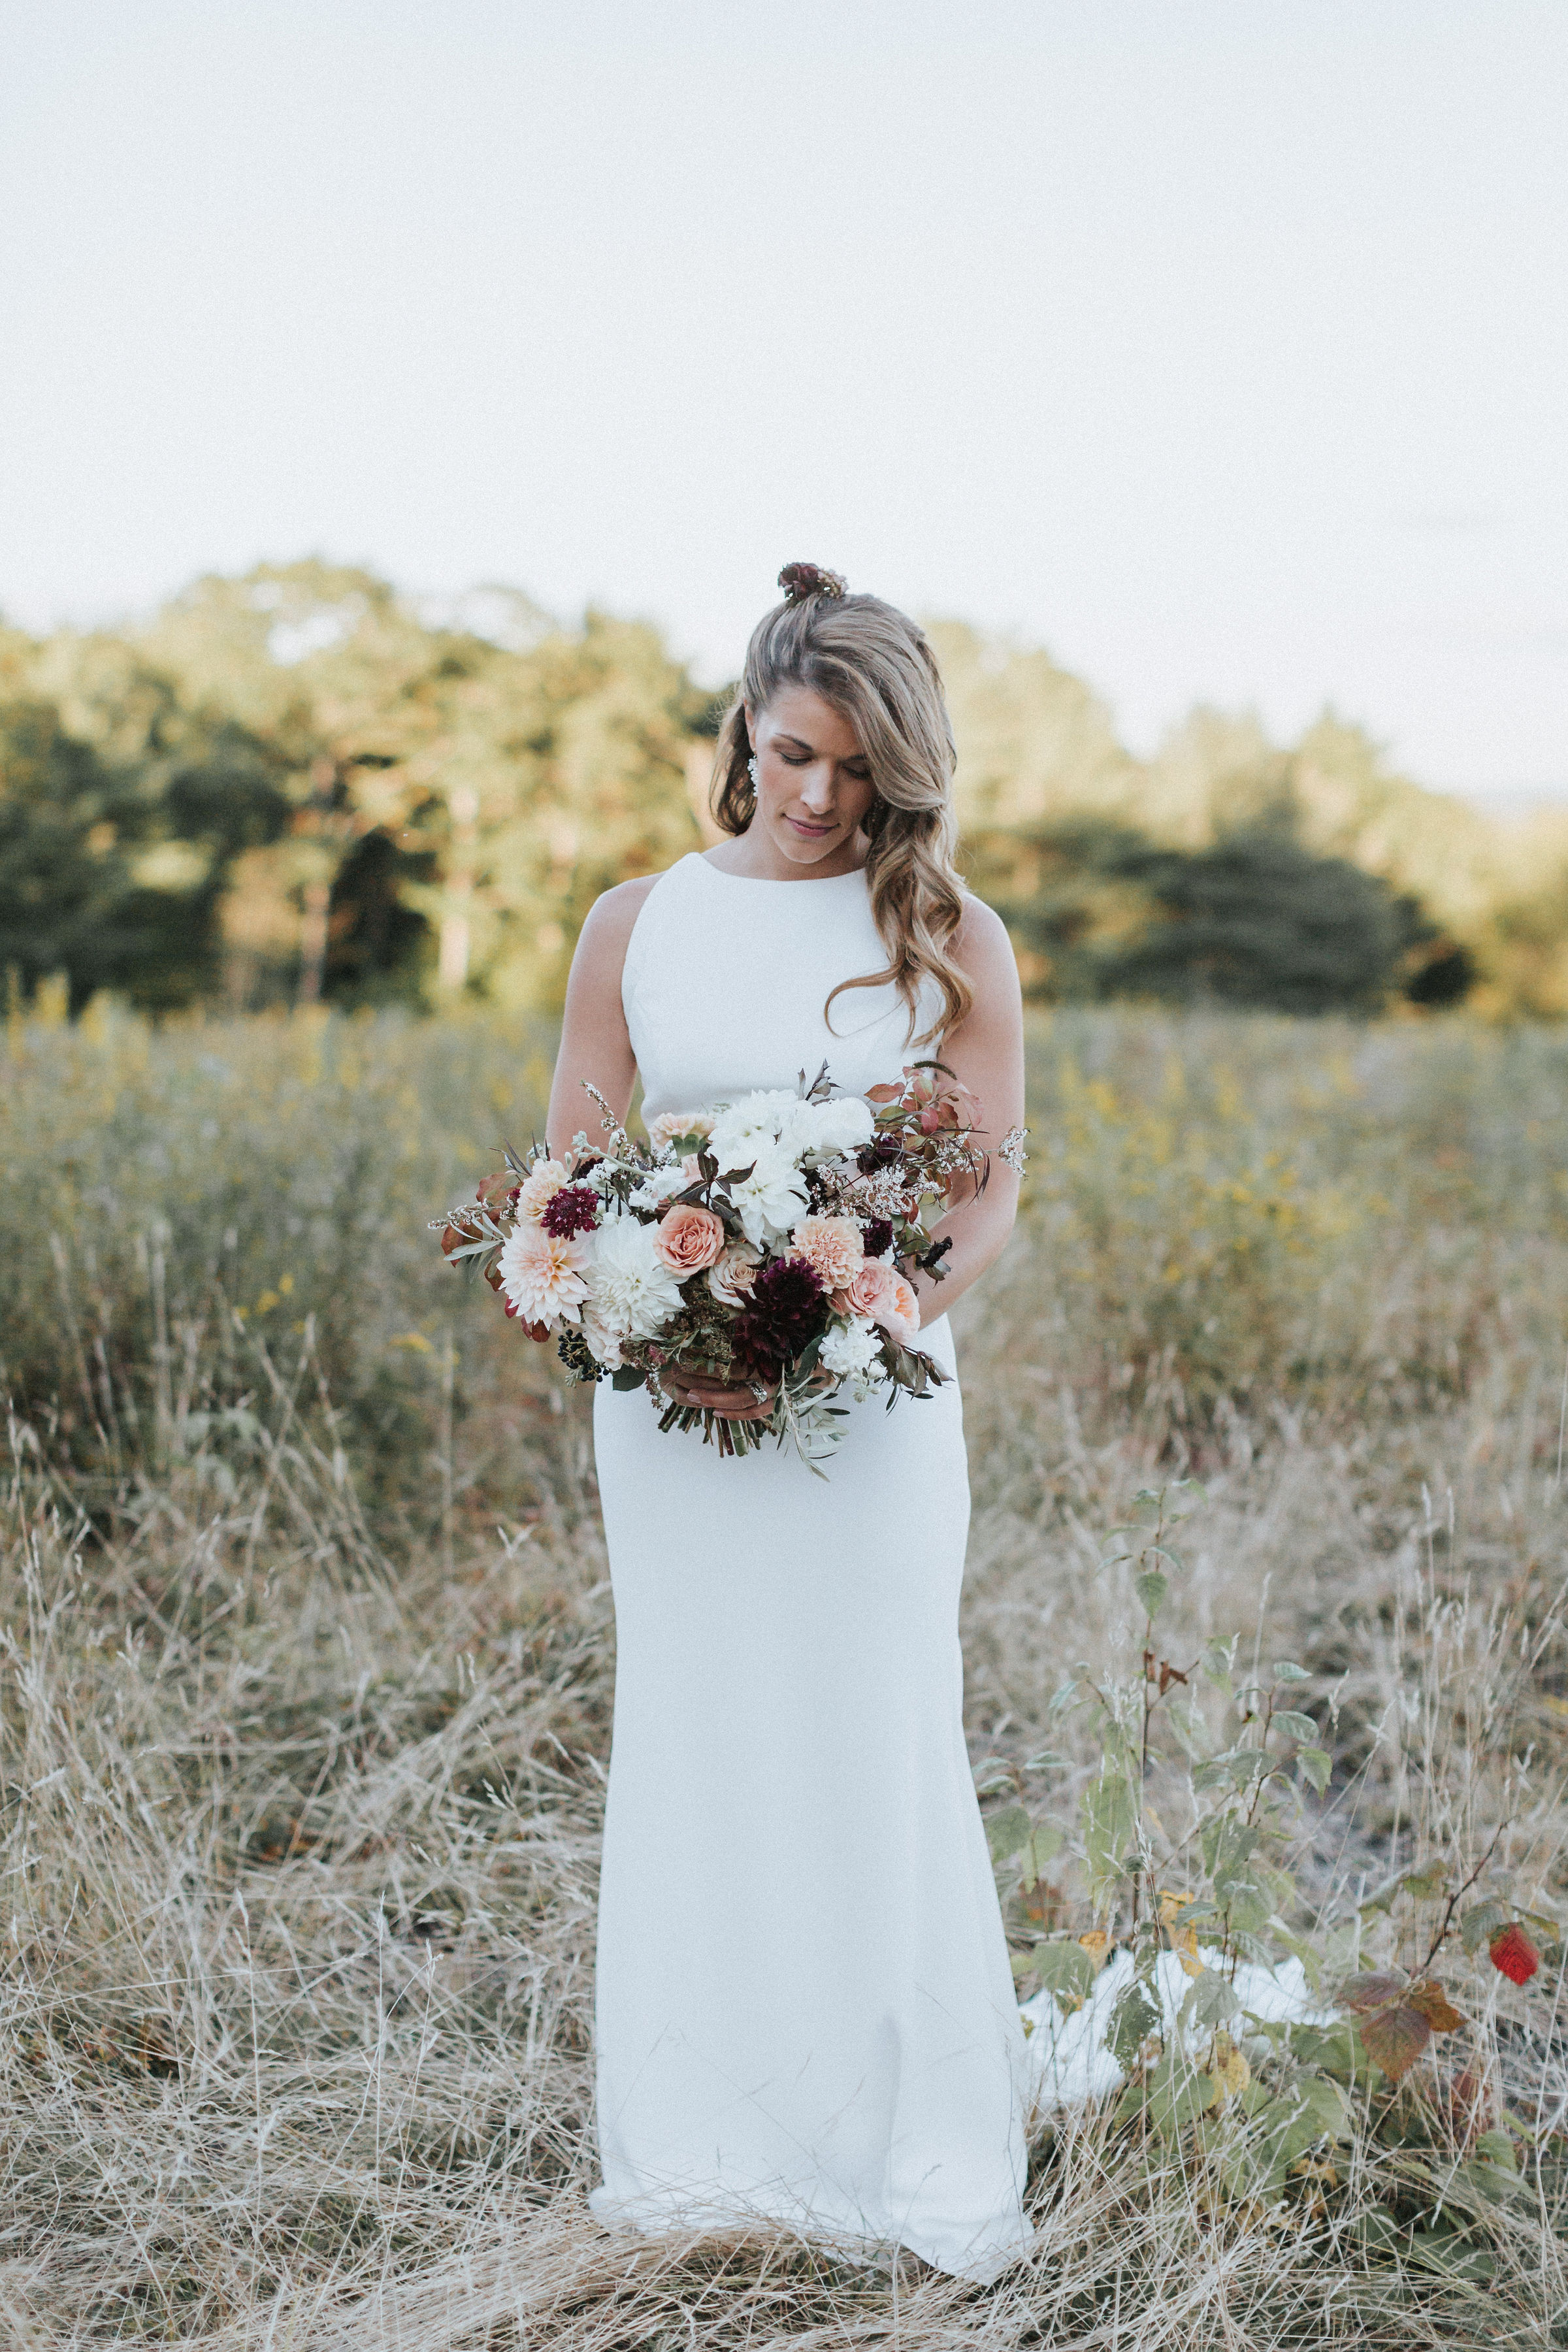 Allie_Greg_Beech_Hill_Barn_Wedding_Portraits-346.jpg